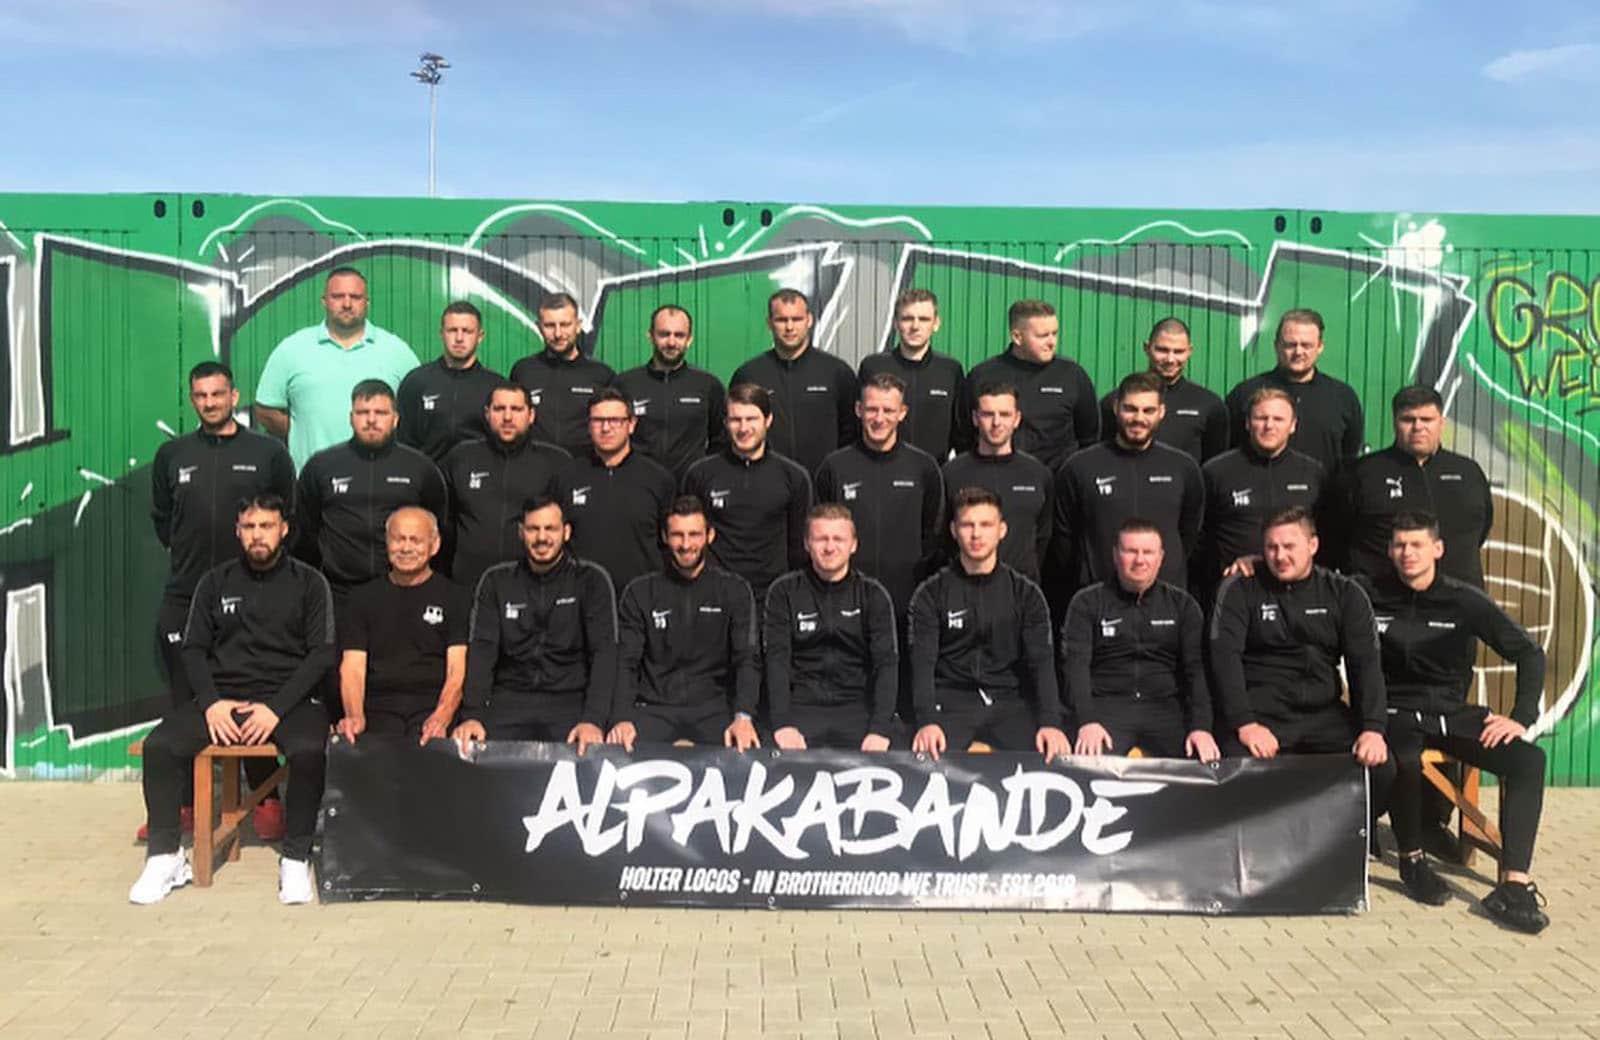 2. Mannschaft Grün-Weiß Holt